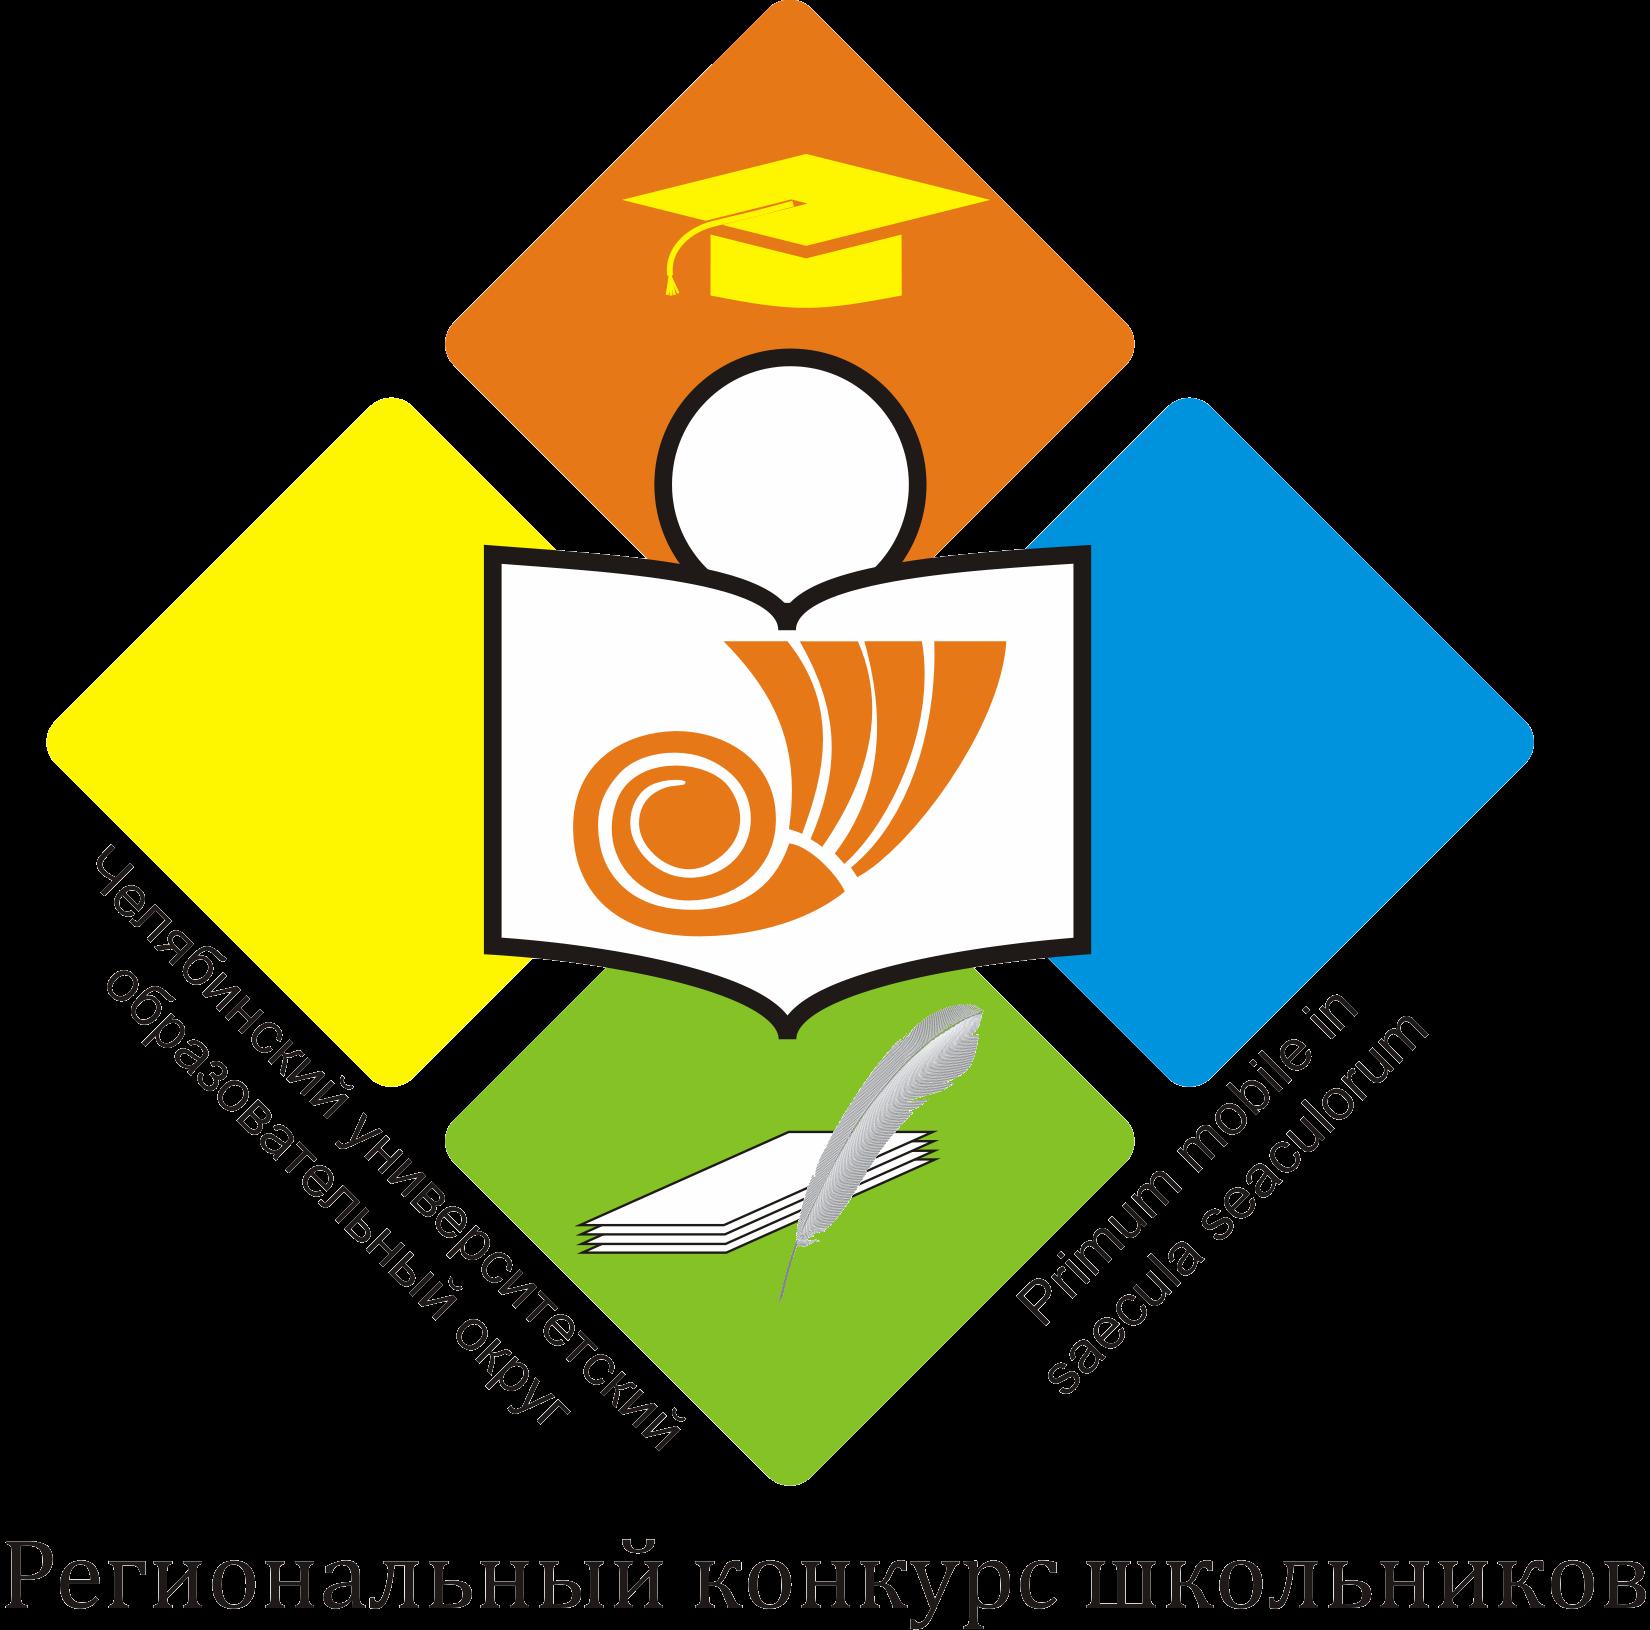 Эмблемы на конкурс школьников